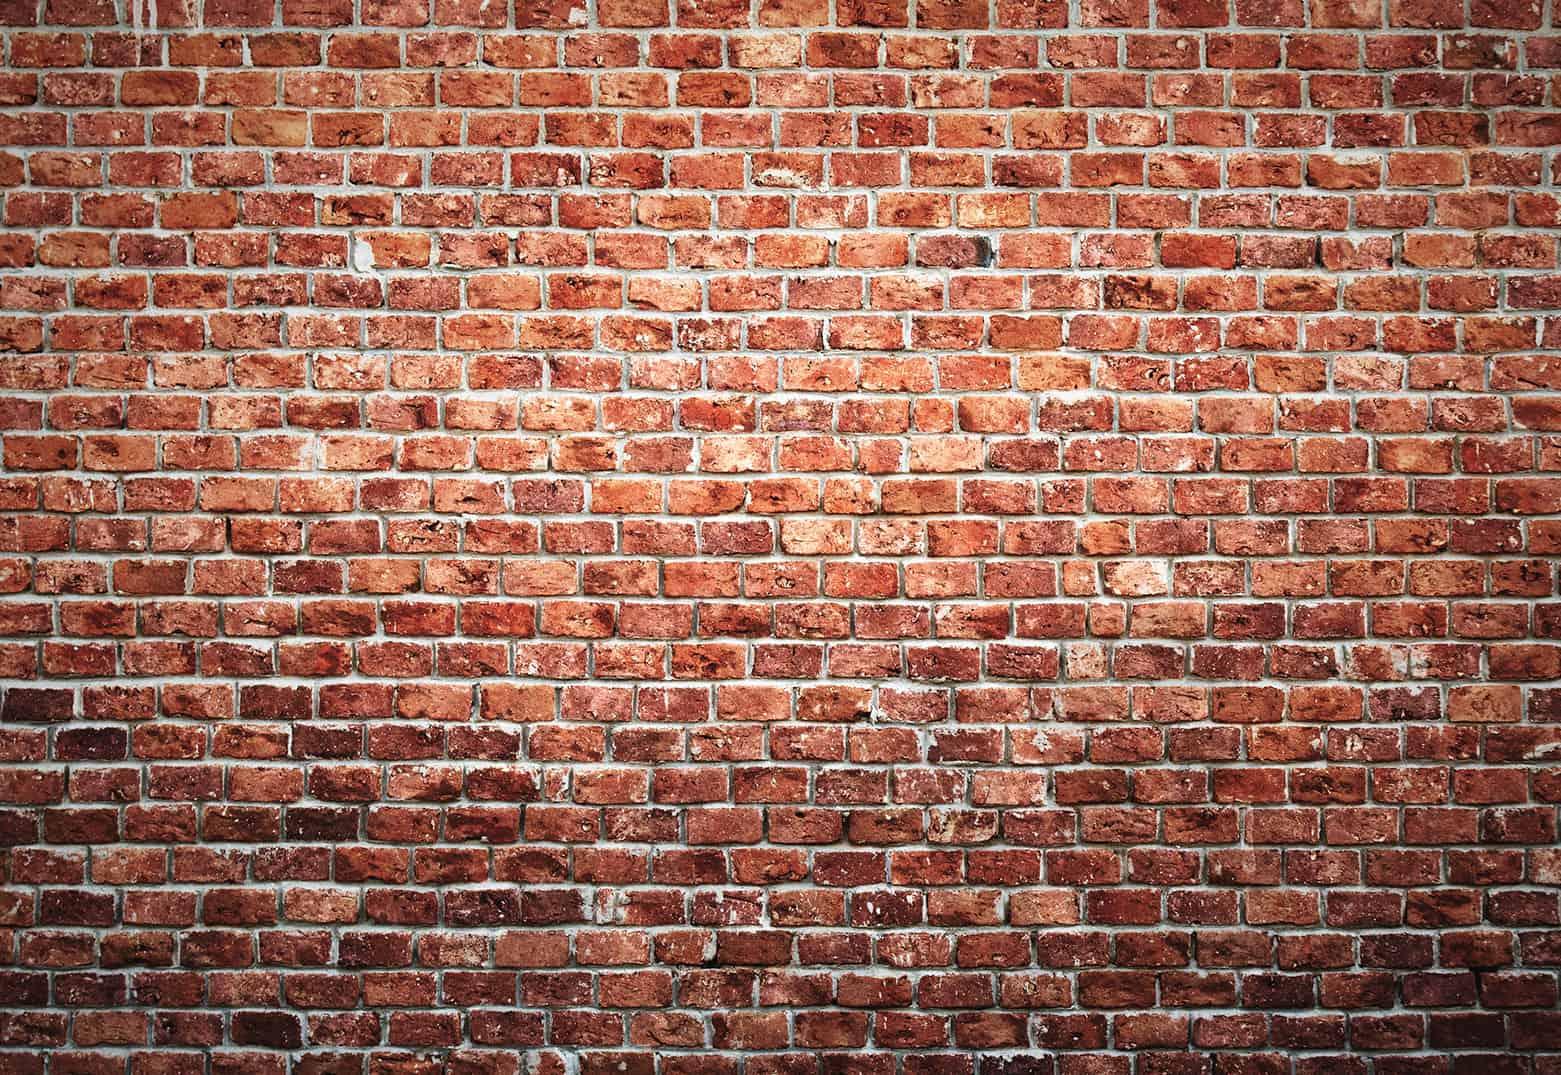 Brick wall representing information blocking